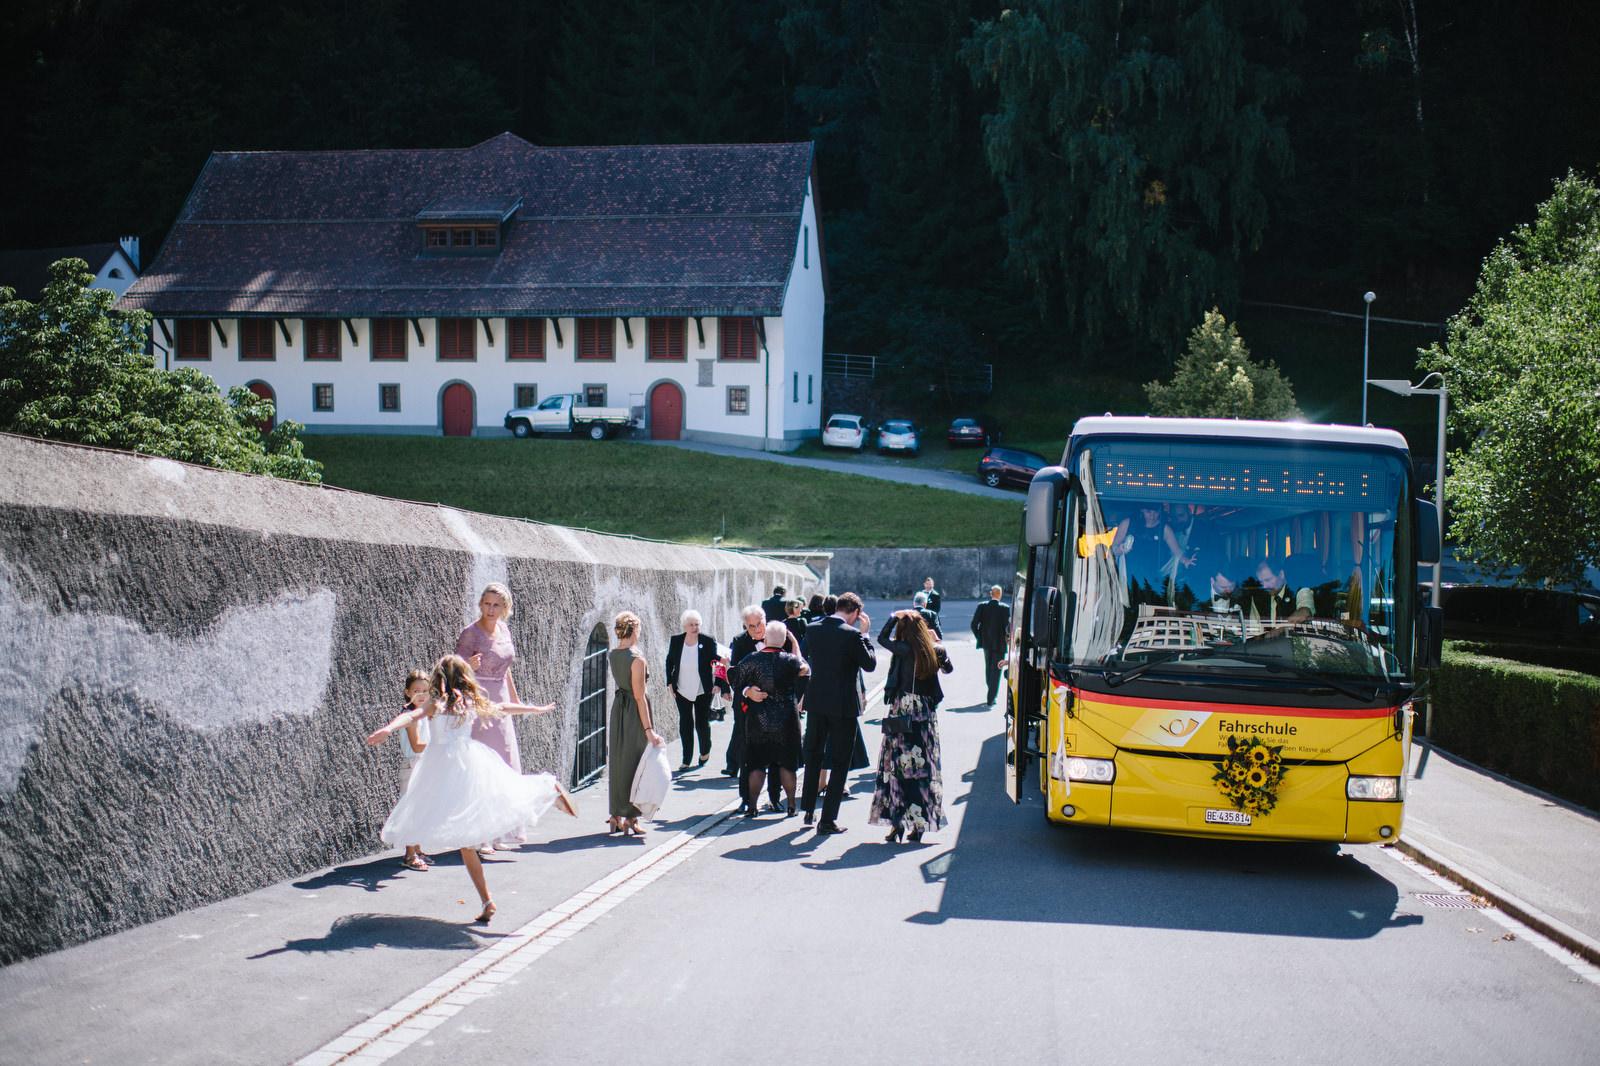 Fotograf Konstanz - Luxus Hochzeit Fotograf Grand Resort Bad Ragaz Schweiz Lichtenstein 039 - Destination wedding at the Grand Resort Bad Ragaz, Swiss  - 134 -